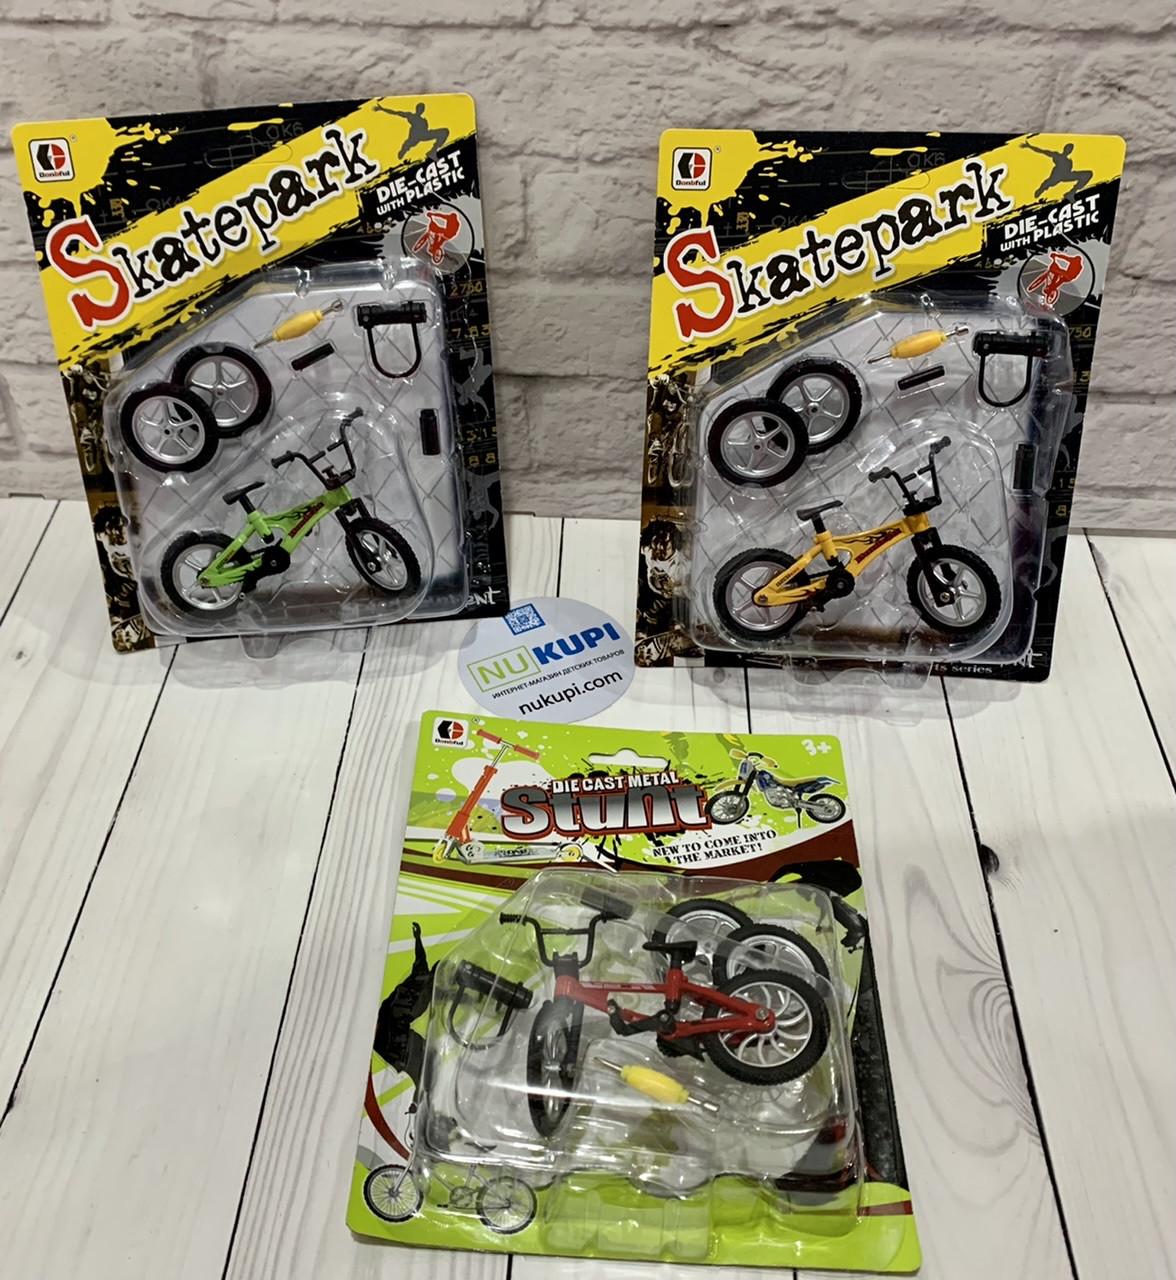 Пальчиковый велосипед Фингербайк Fingerbike BMX синструментами и сменными колесами